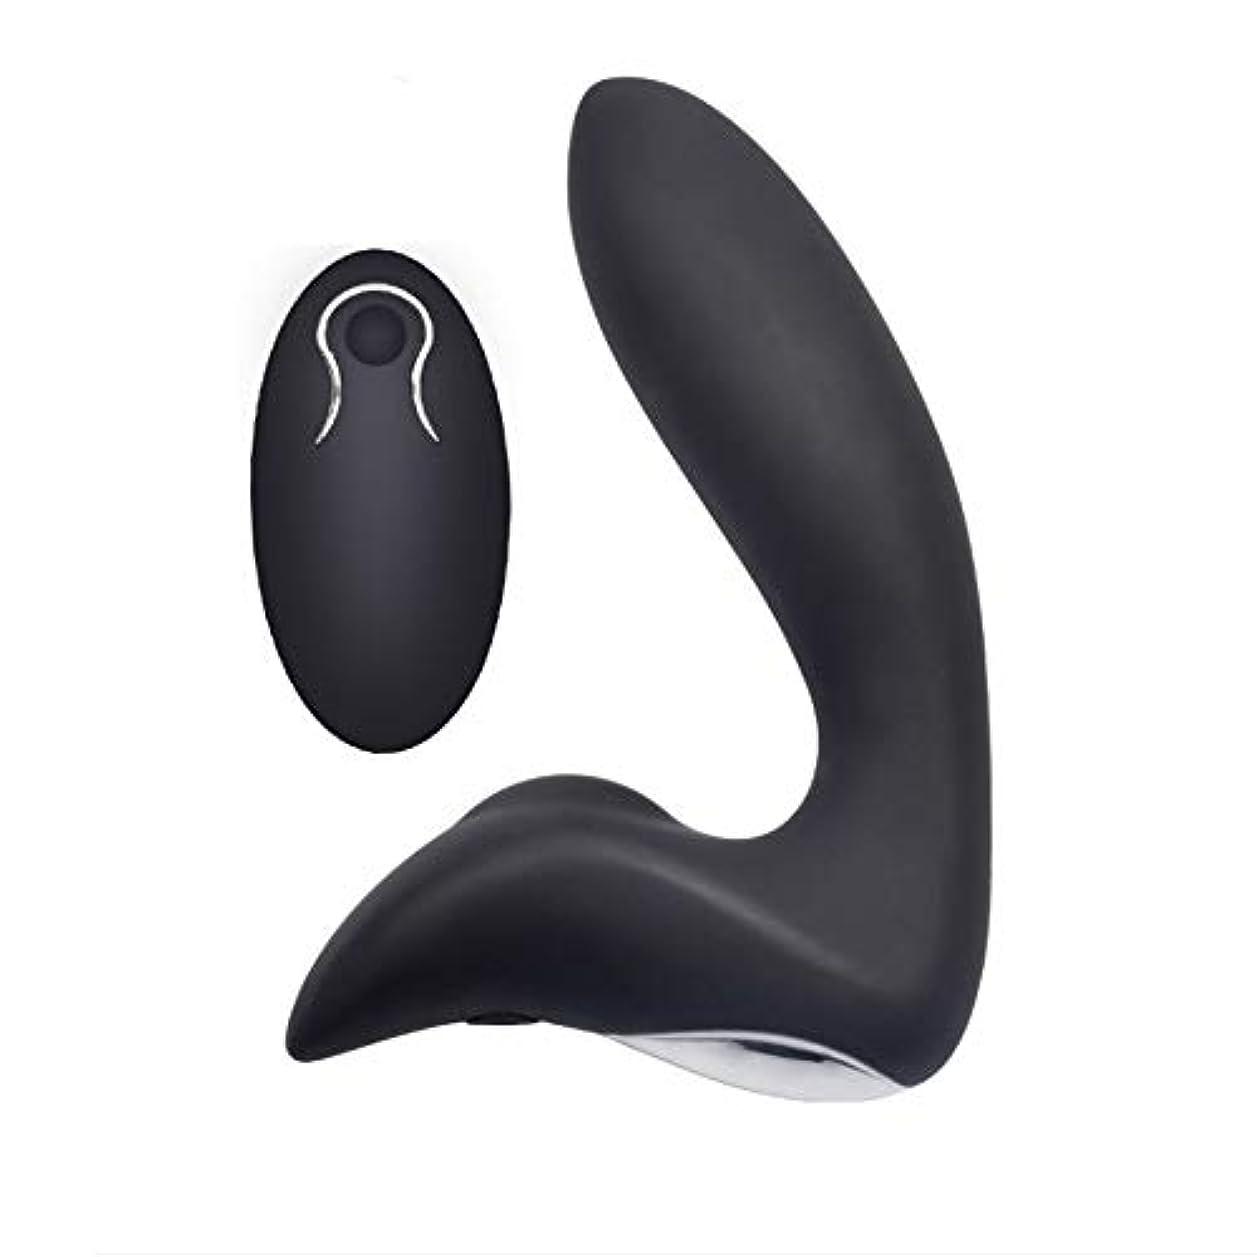 怠惰絶対のと遊ぶ電気式マッサージ器前立腺マッサージ器黒色リモートコントロール付き12周波数感受性領域は静かな防水性大人を刺激する